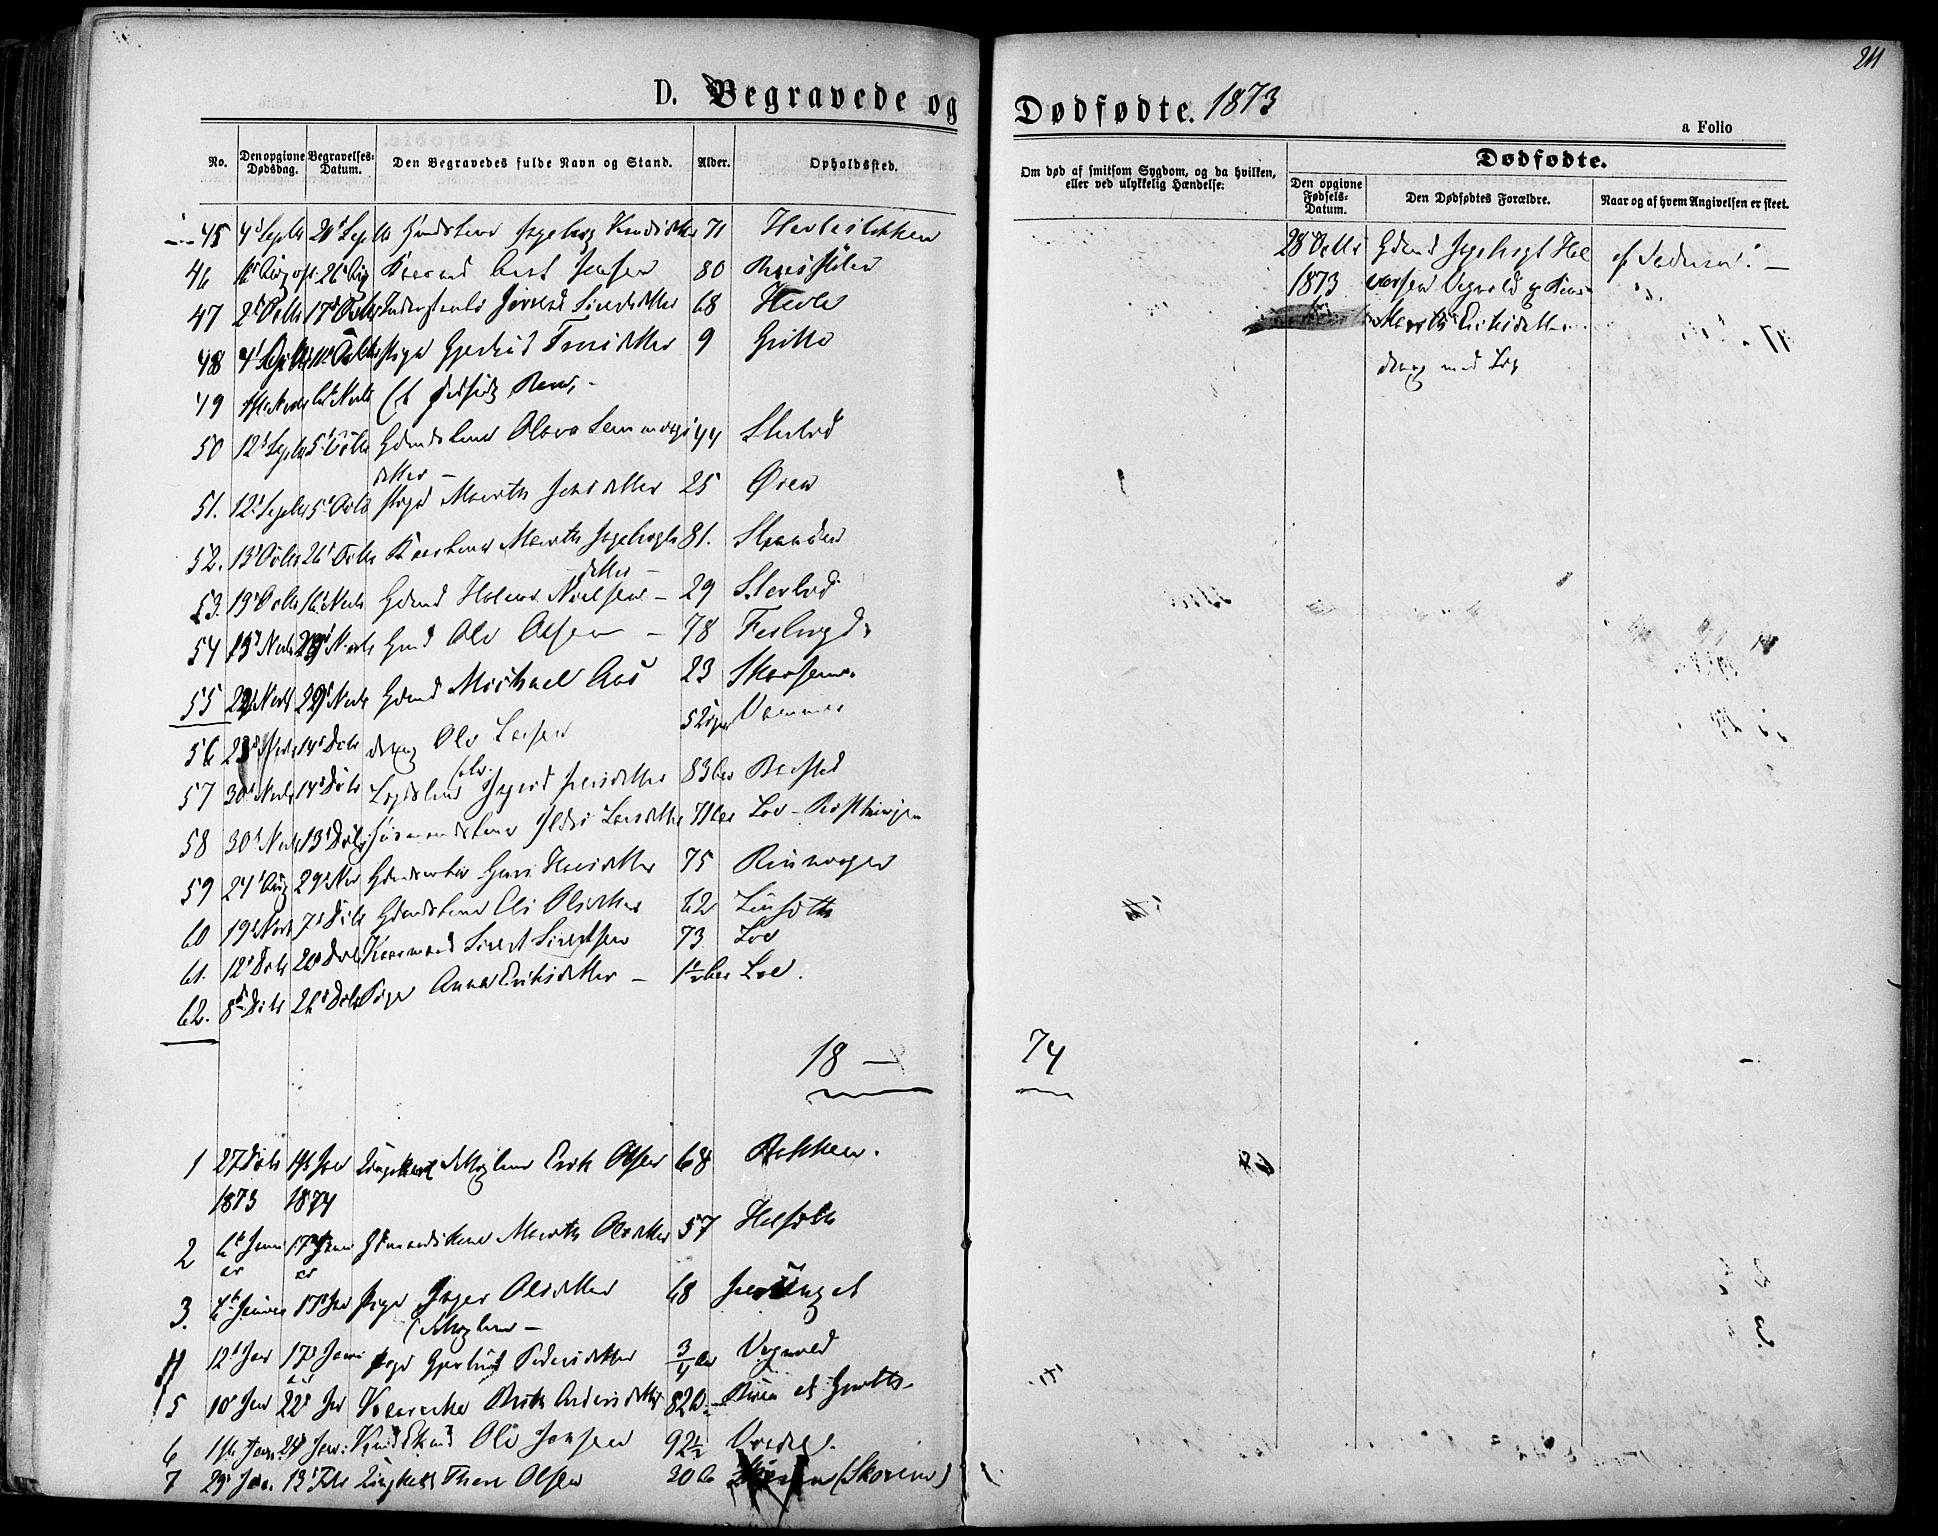 SAT, Ministerialprotokoller, klokkerbøker og fødselsregistre - Sør-Trøndelag, 678/L0900: Ministerialbok nr. 678A09, 1872-1881, s. 211